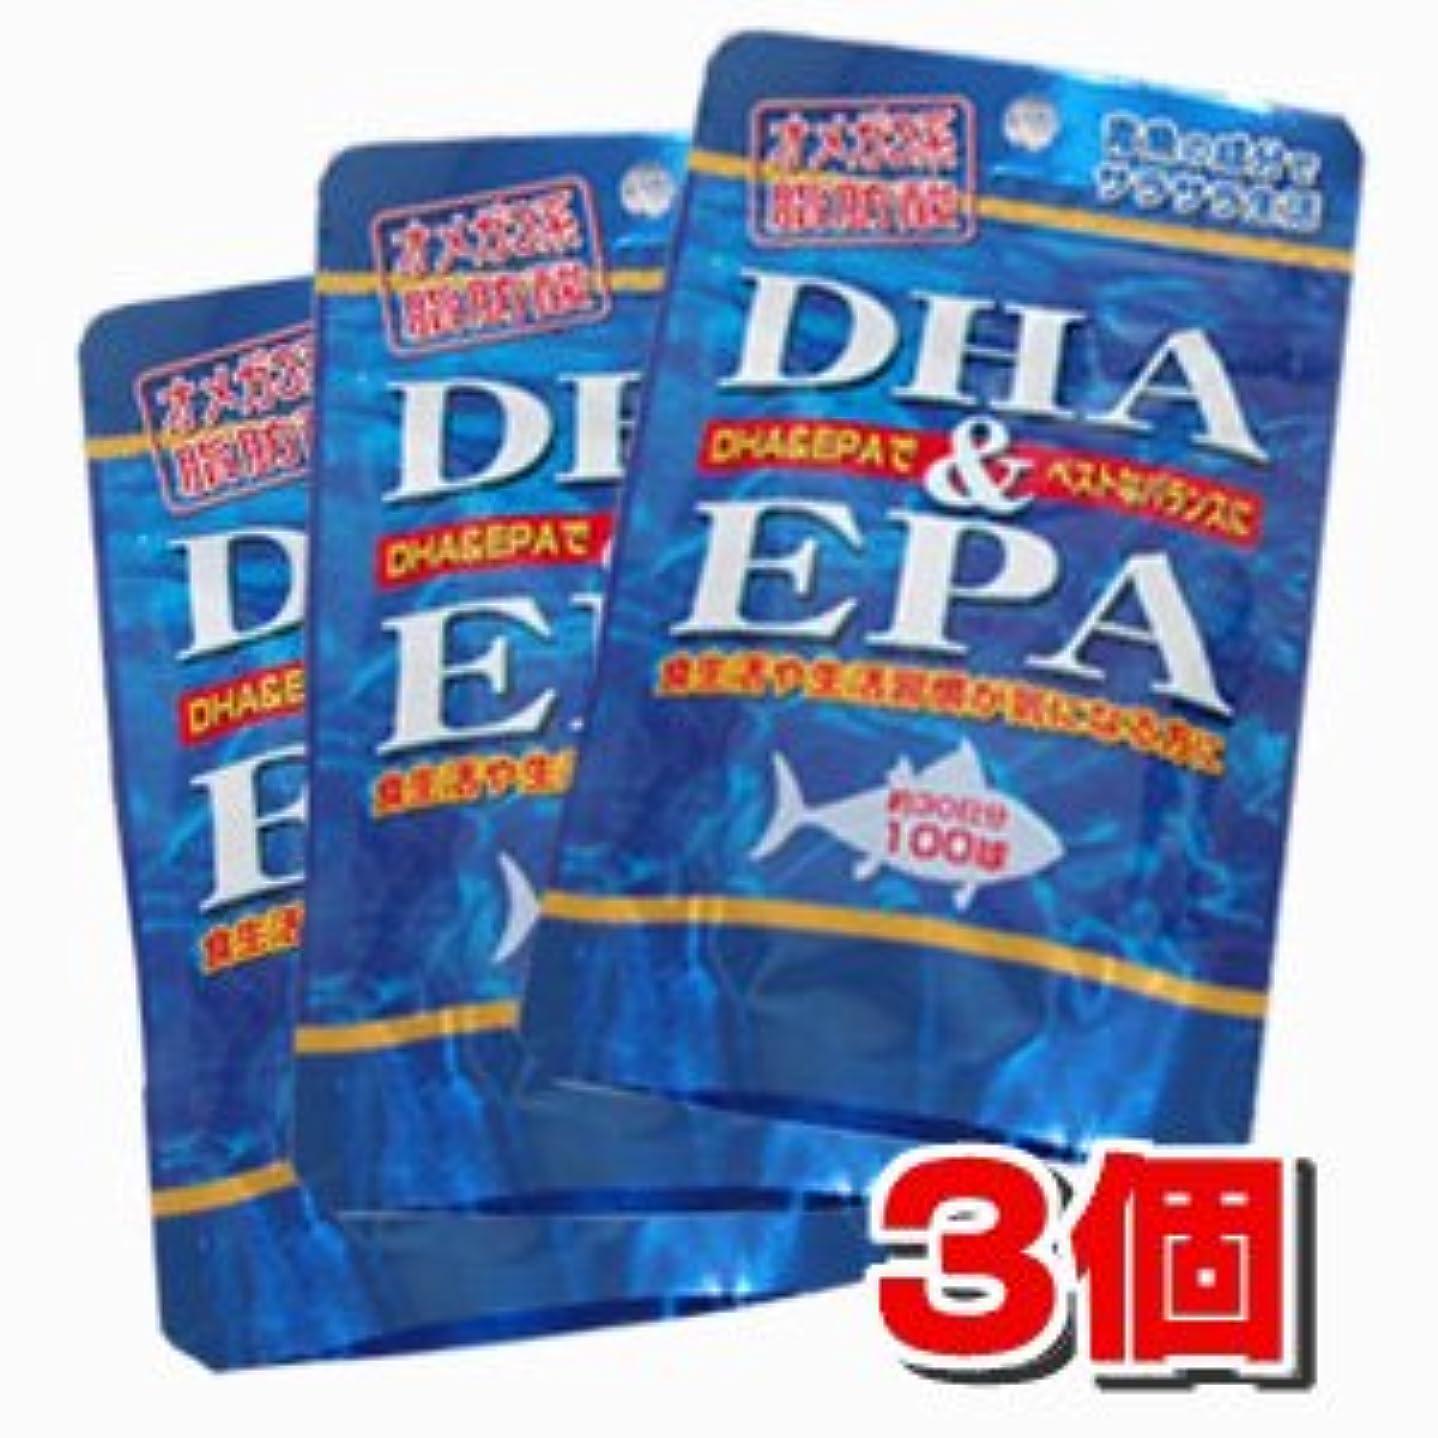 入射演劇式DHA(ドコサヘキサエン酸)&EPA(エイコサペンタエン酸)